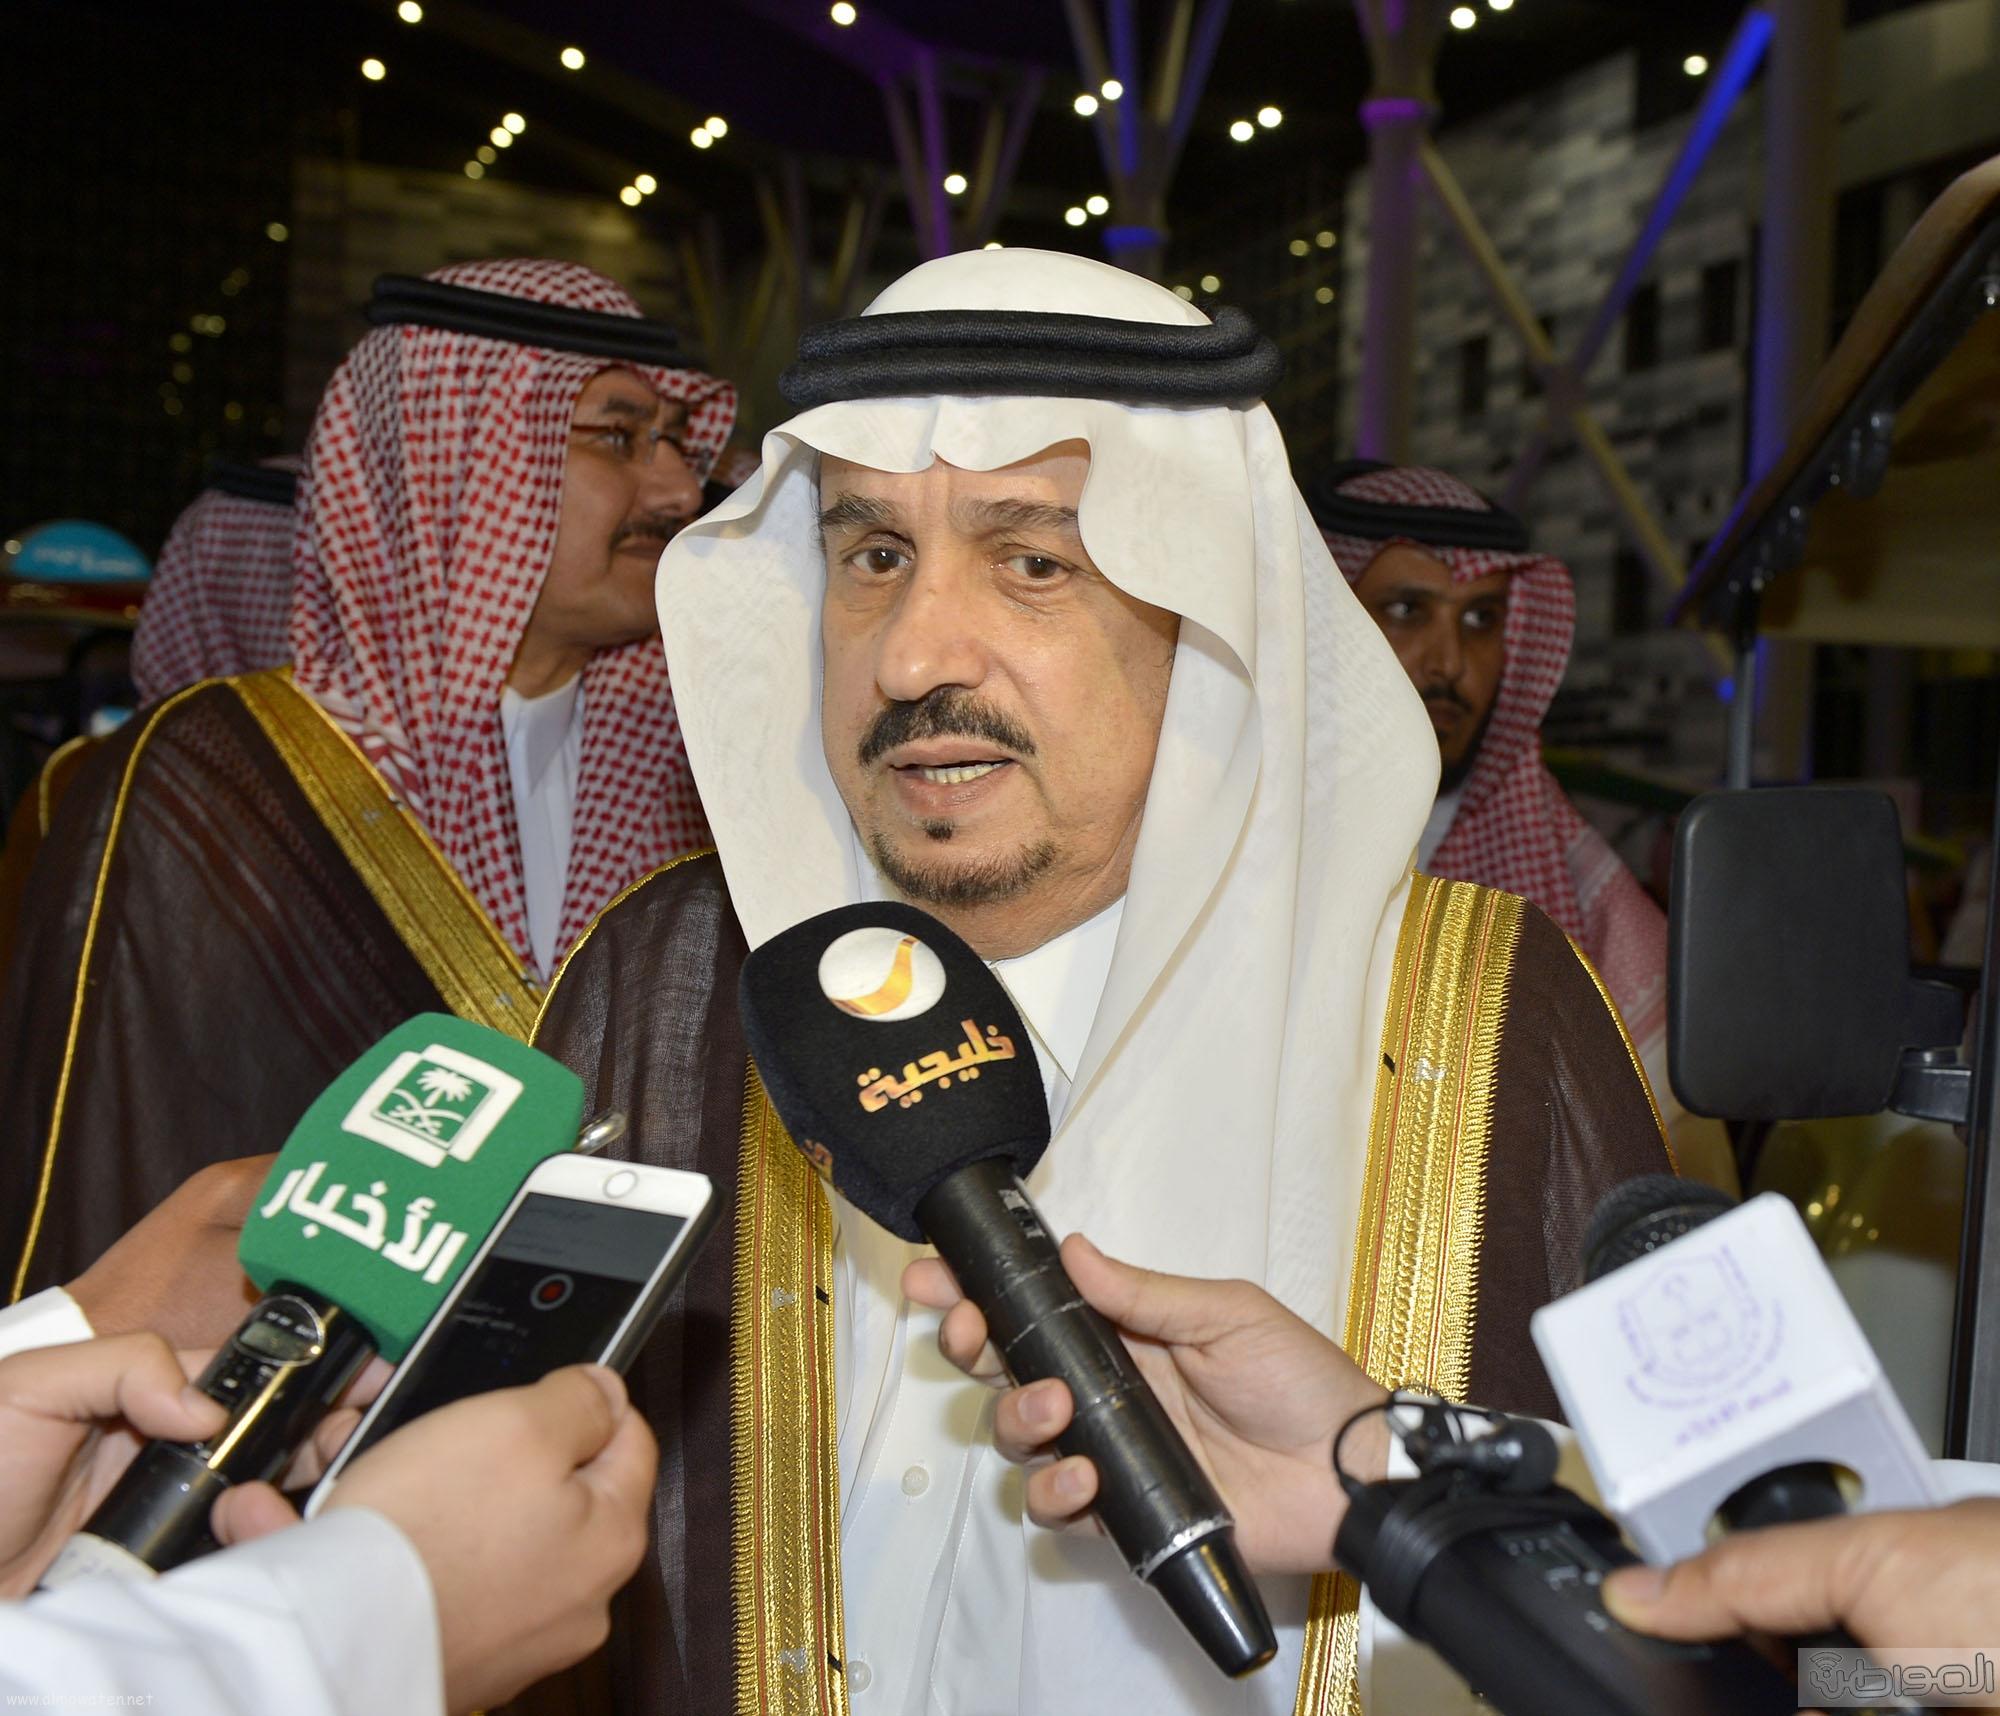 امير الرياض خلال رعاية طموح ملك لمستقبل وطن (25)